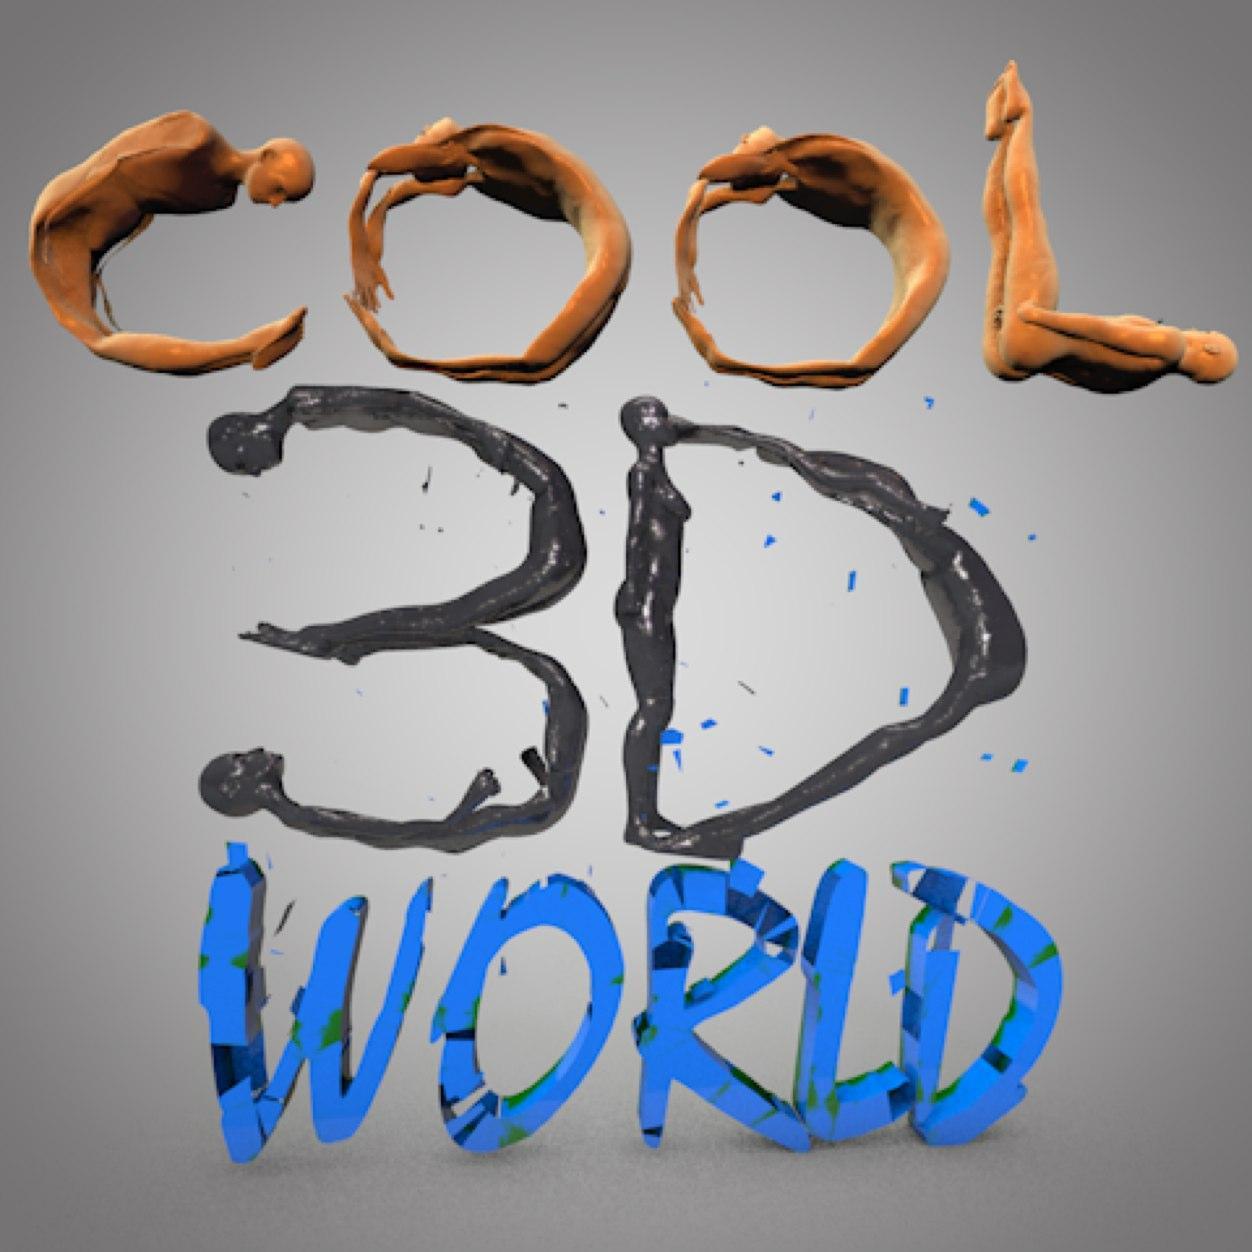 chefs cool 3d worldさんのtwitterで話題の画像